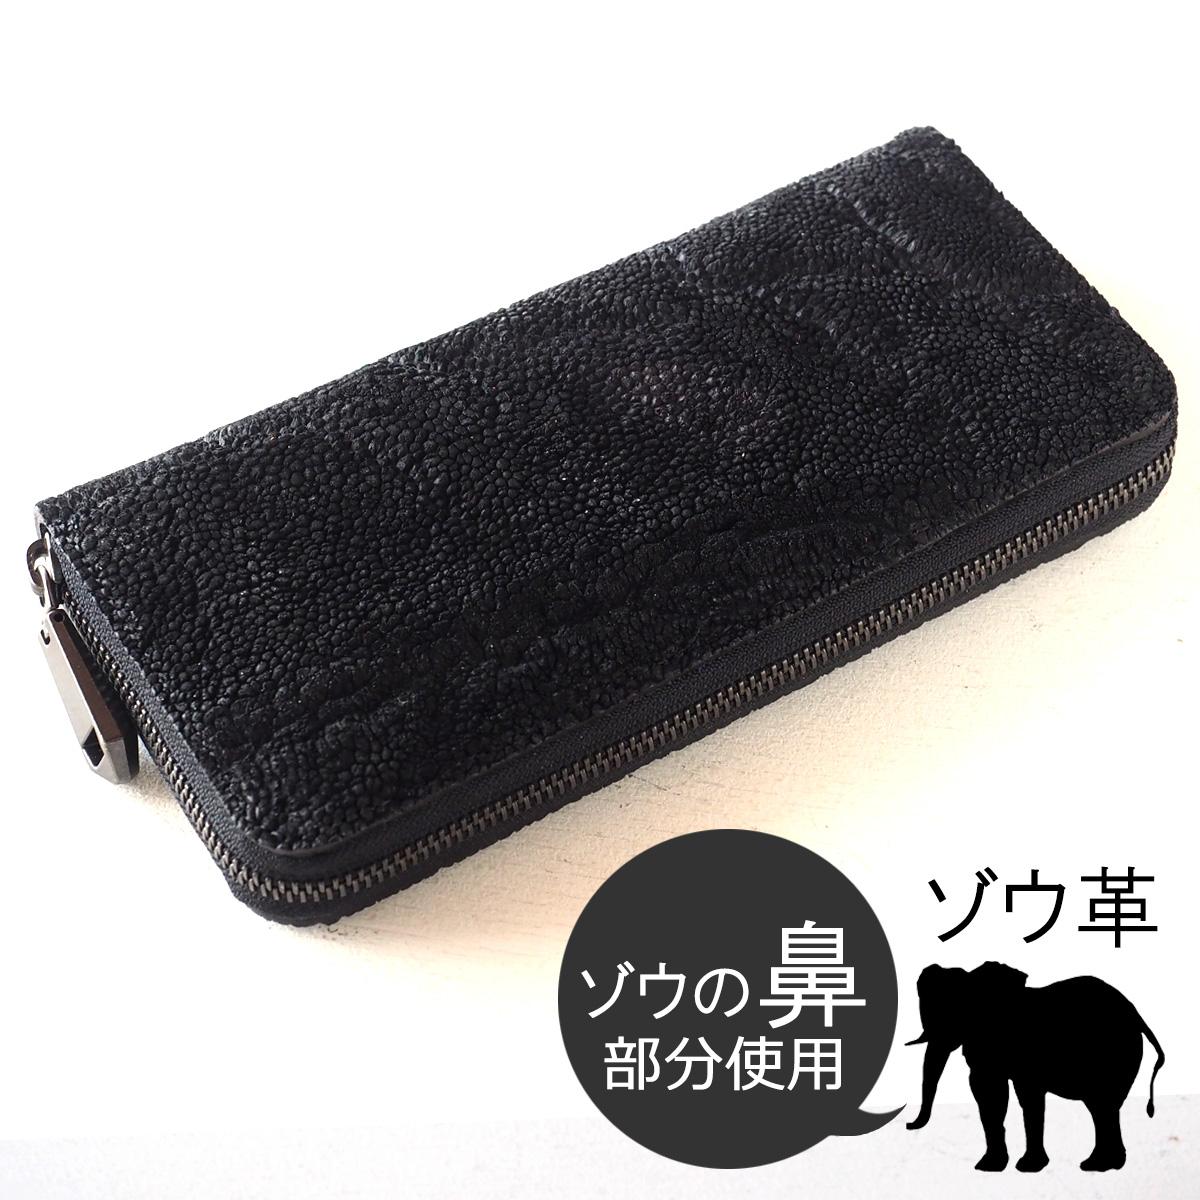 ZOO(ズー) 象の鼻の革 ピューマウォレット20 ラウンドファスナー 長財布 ブラック [Z-ZLW-092-BK] 長財布 レザーウォレット 革財布 革製品 革小物